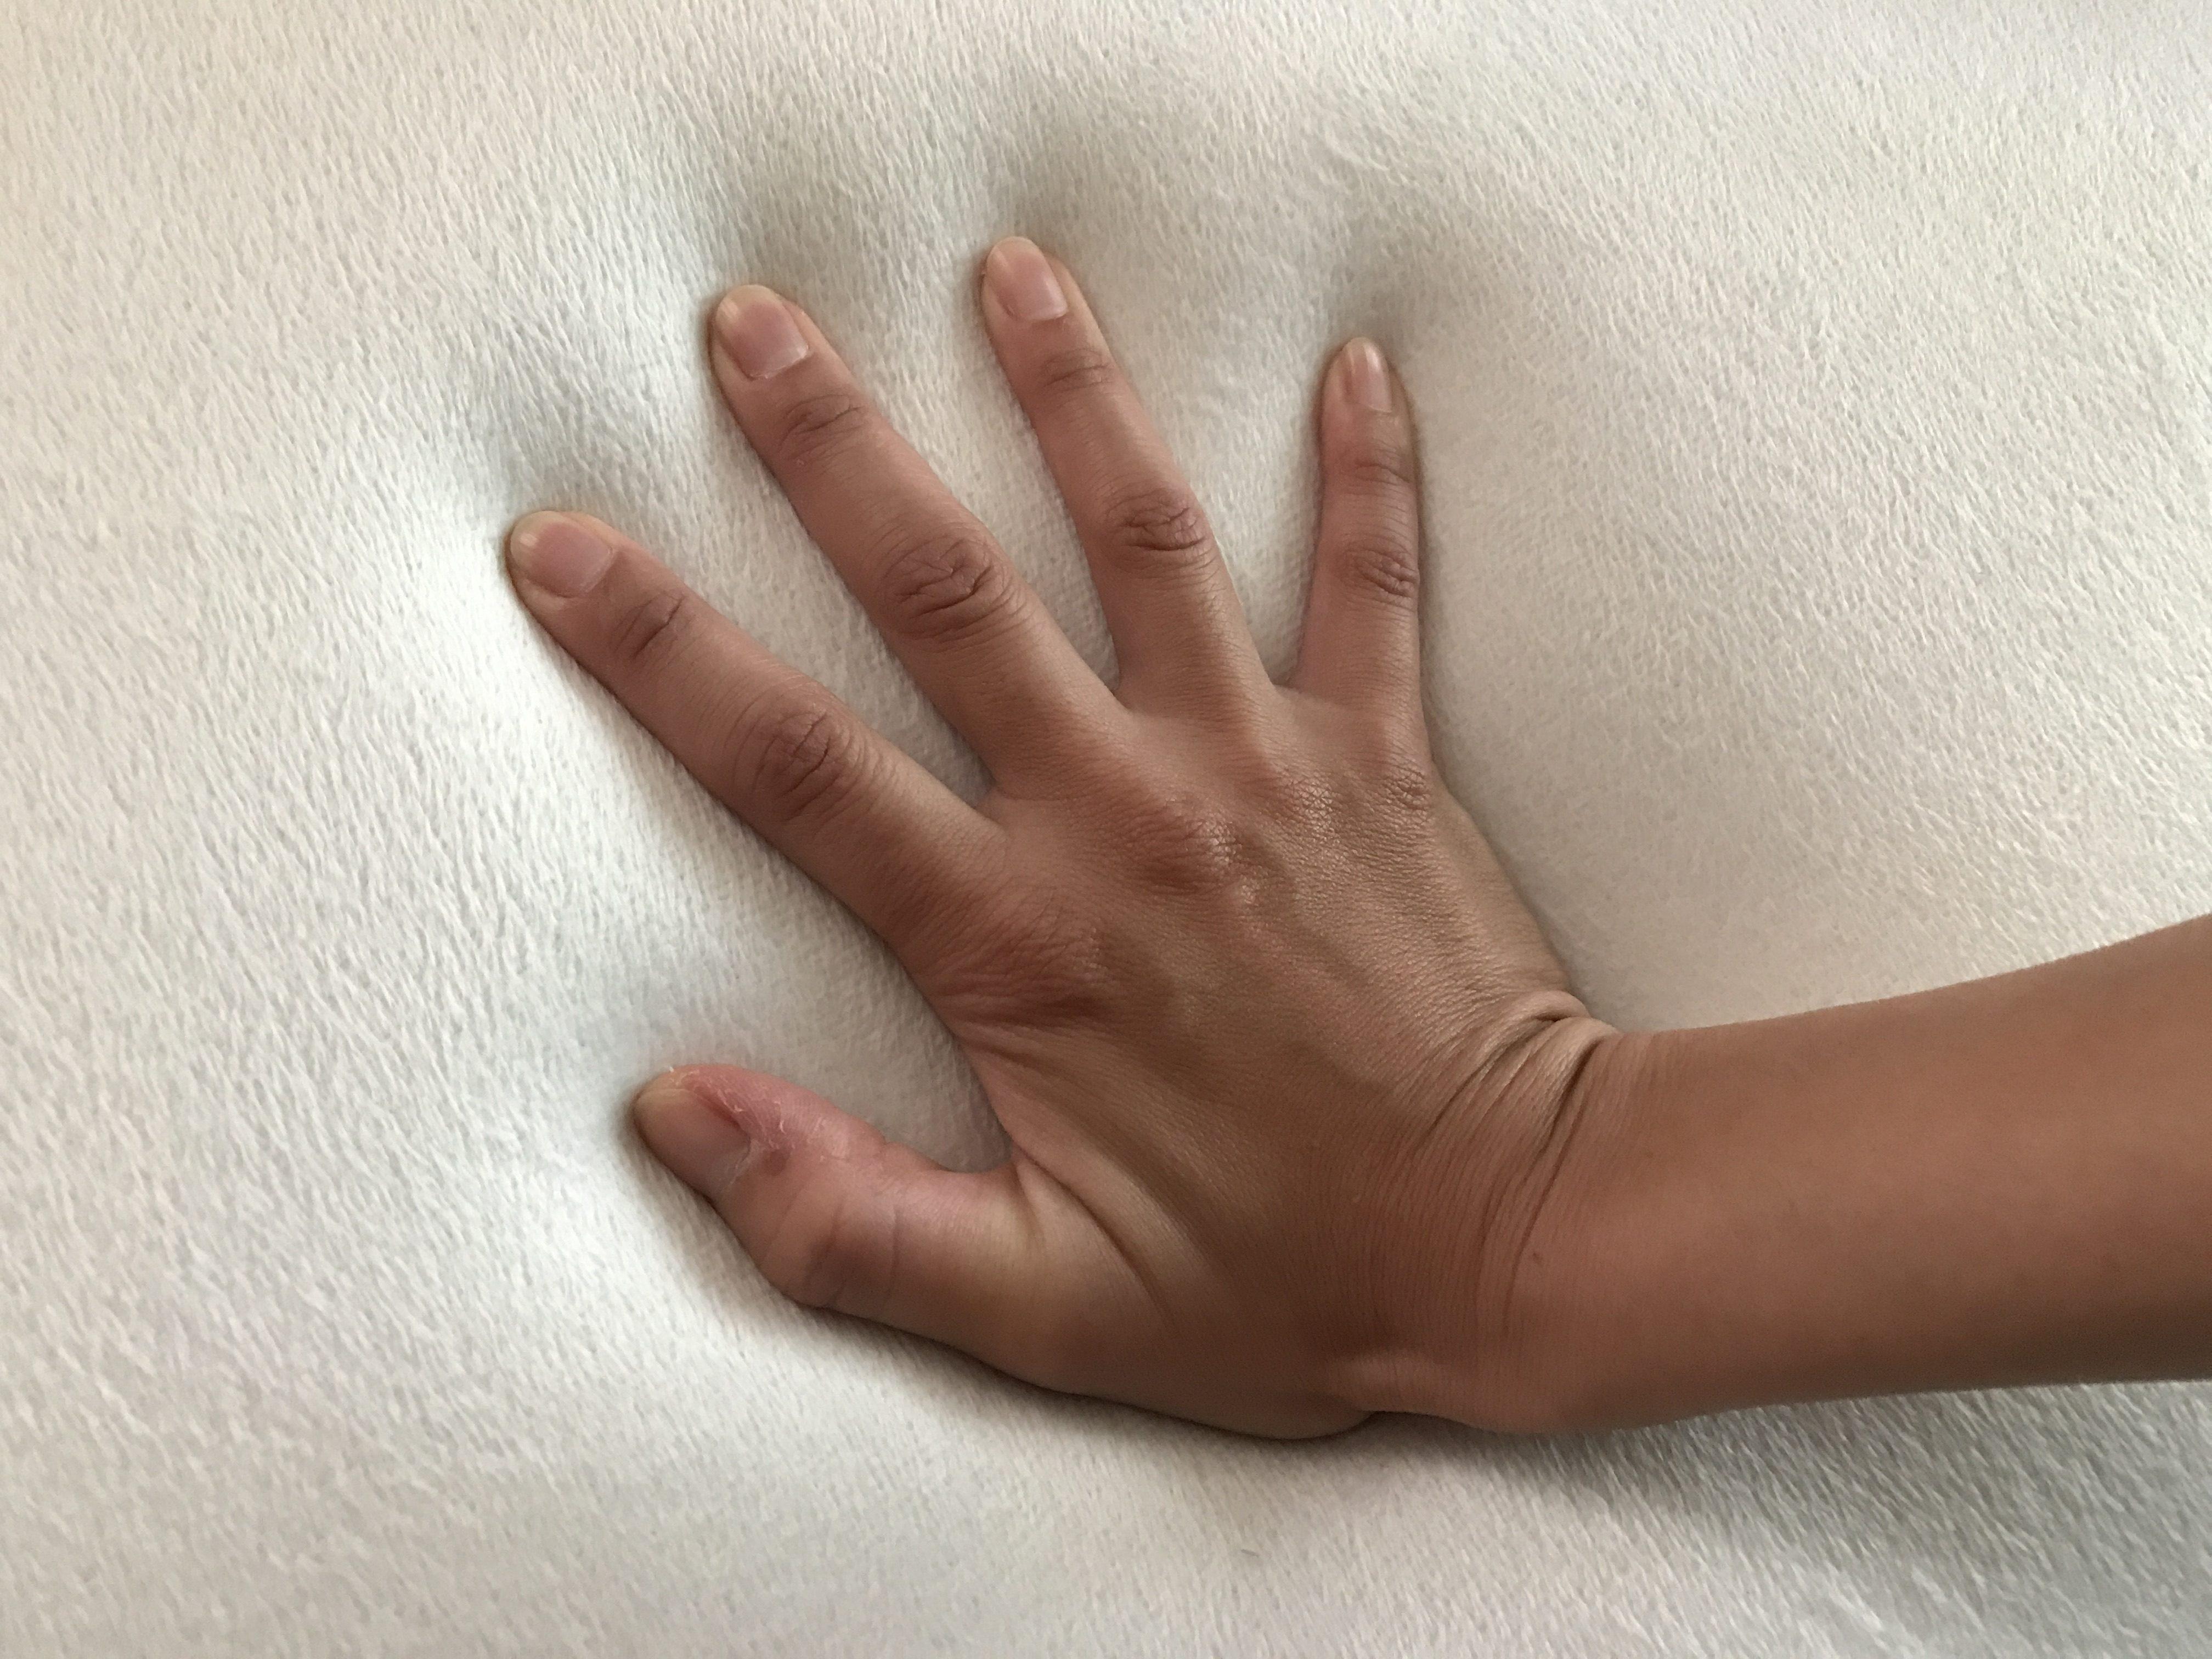 手で結構力をこめて押し込んでみたときの凹み具合